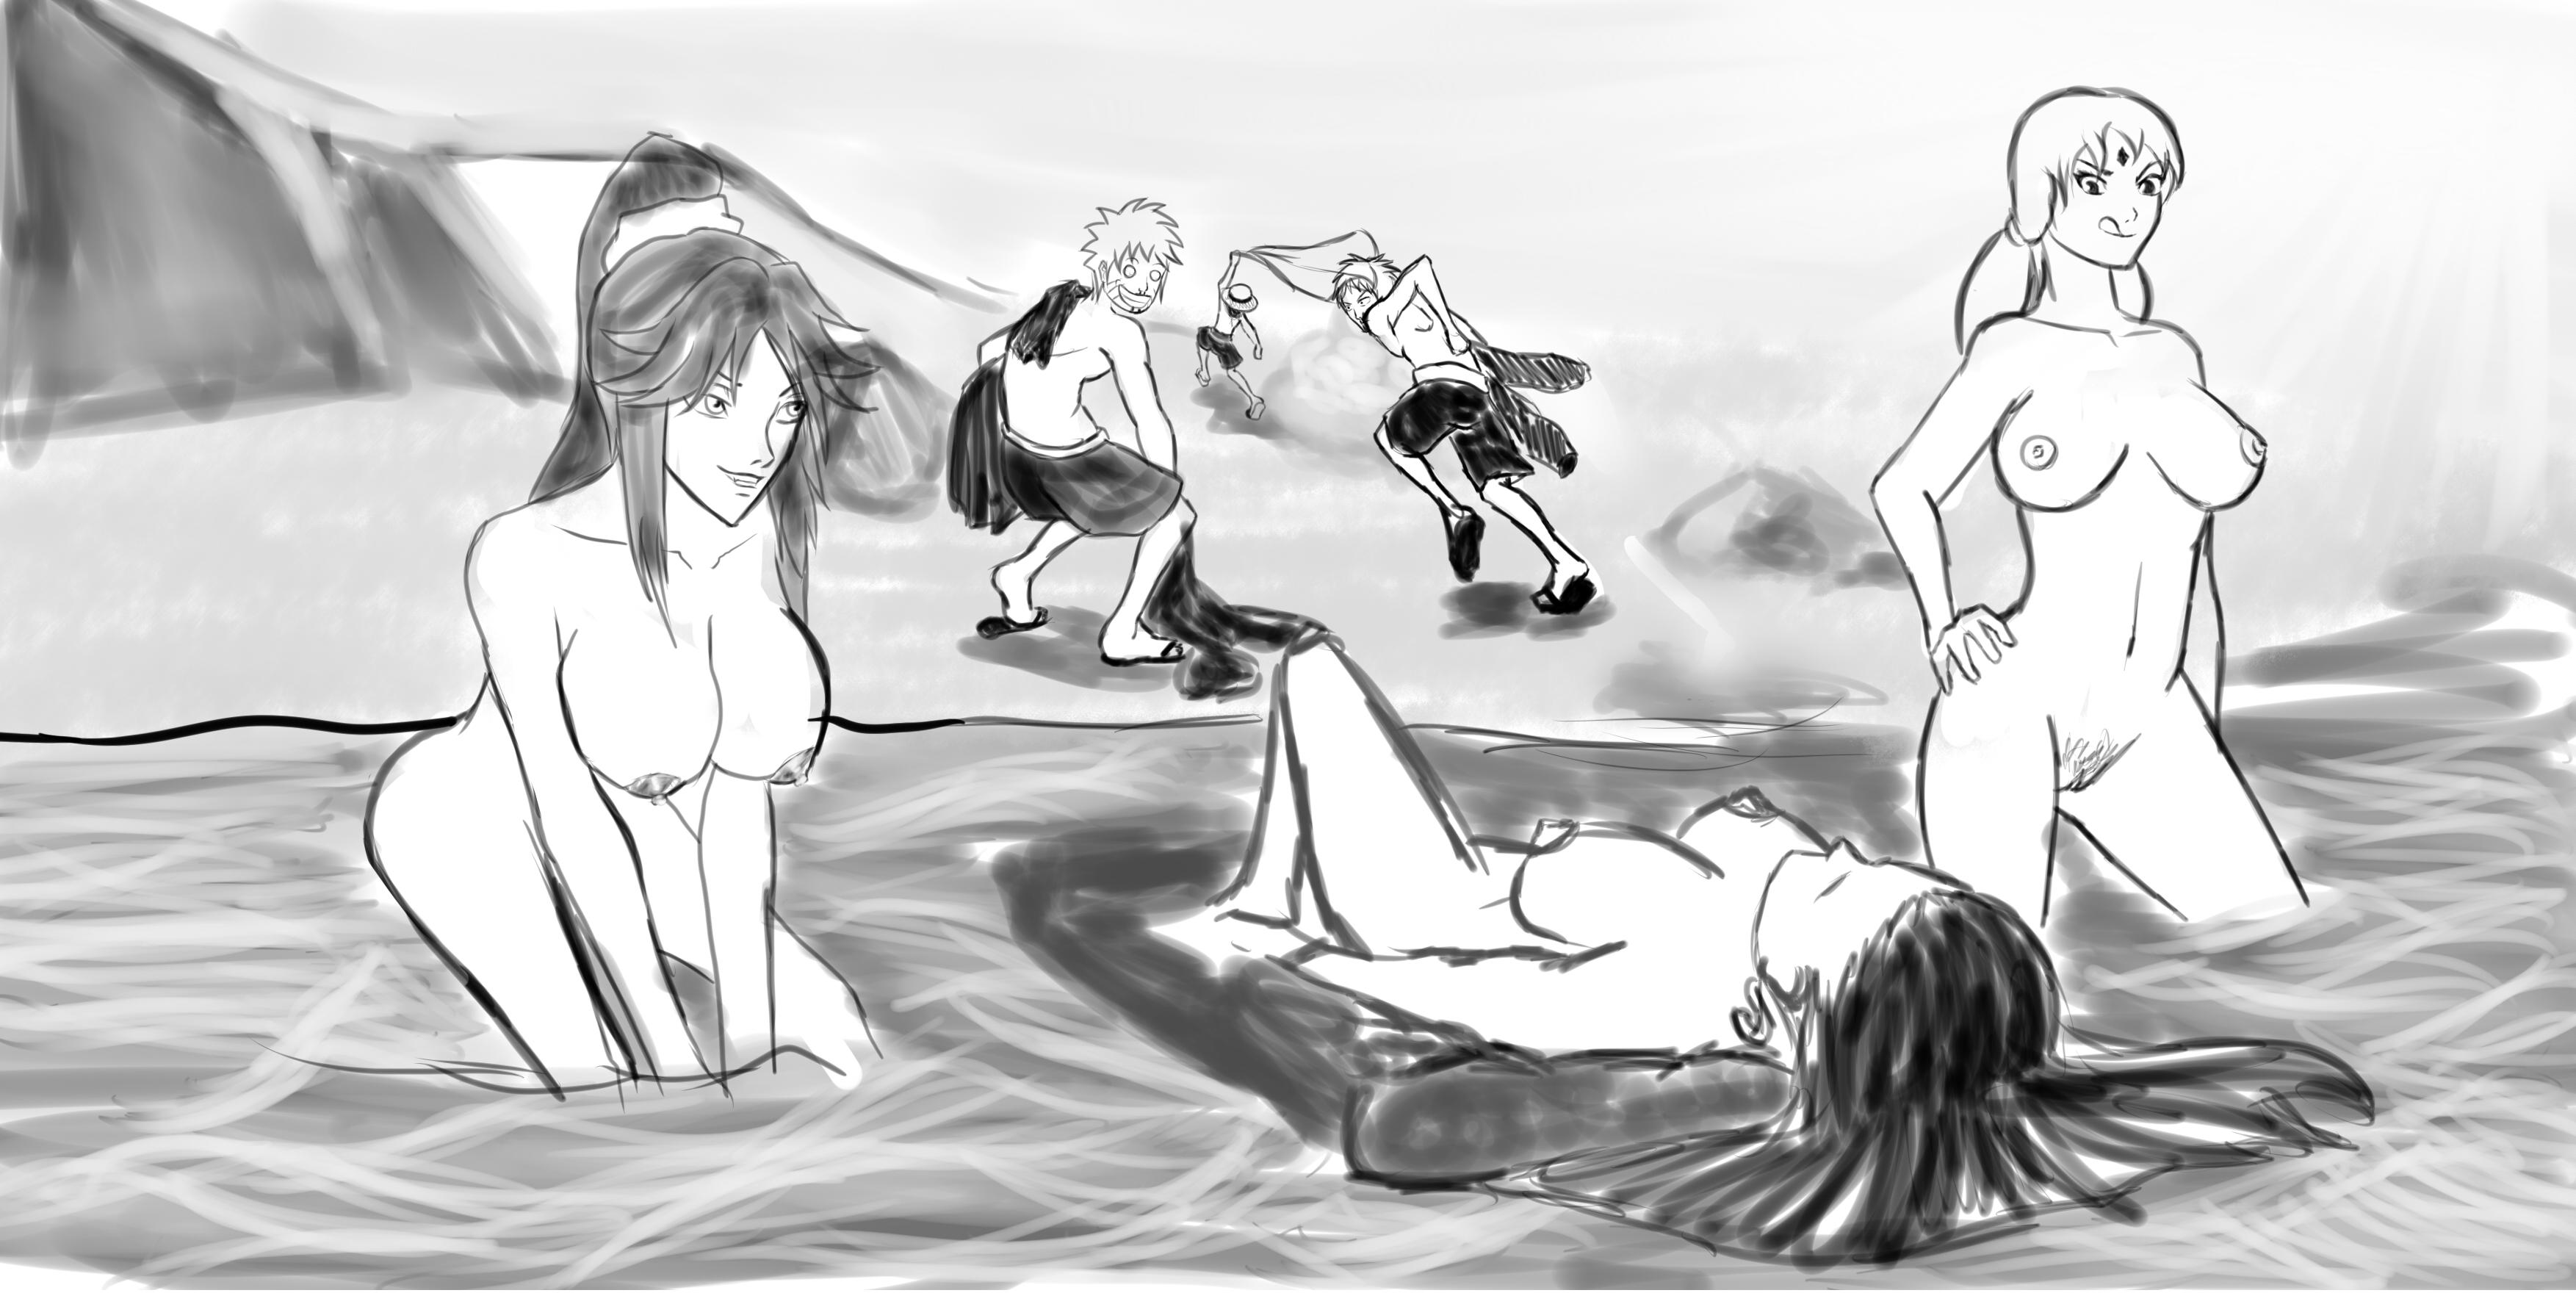 Toon sex pic ##0001301385869 bleach boa hancock crossover fuutonvesaka ichigo kurosaki monkey d. luffy naruto one piece shihouin yoruichi tsunade uzumaki naruto